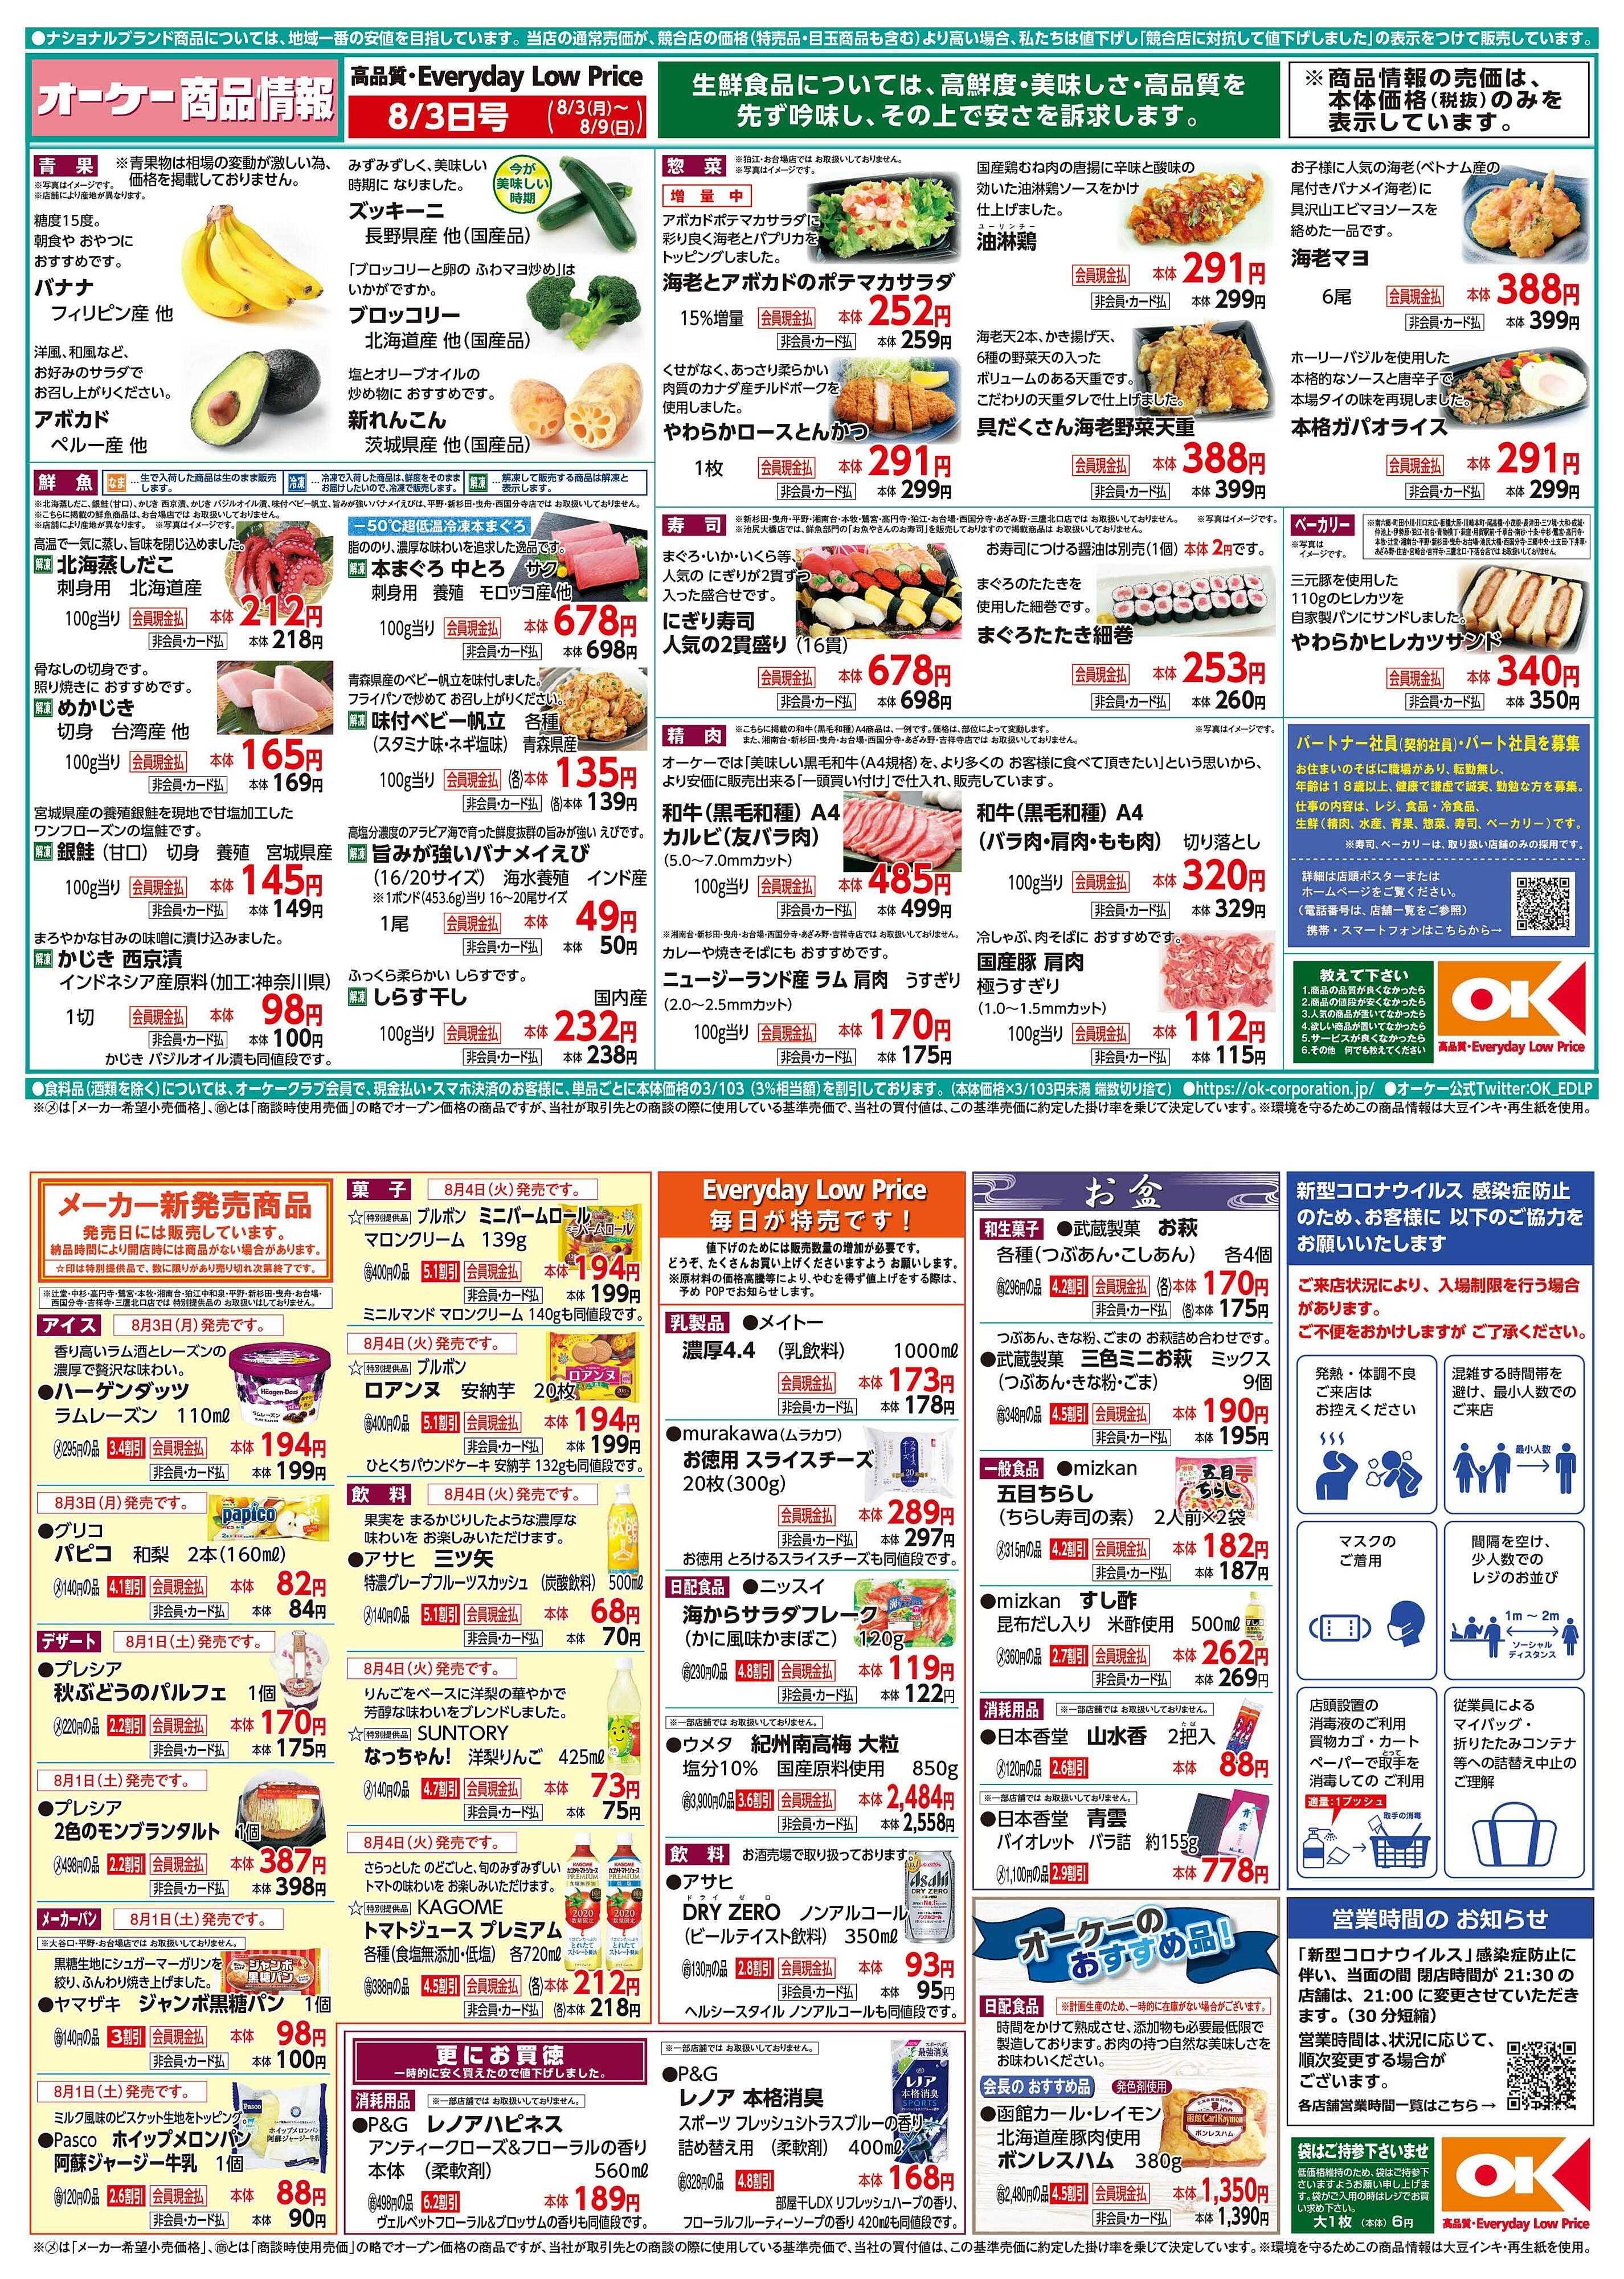 オーケー 商品情報紙8月3日号